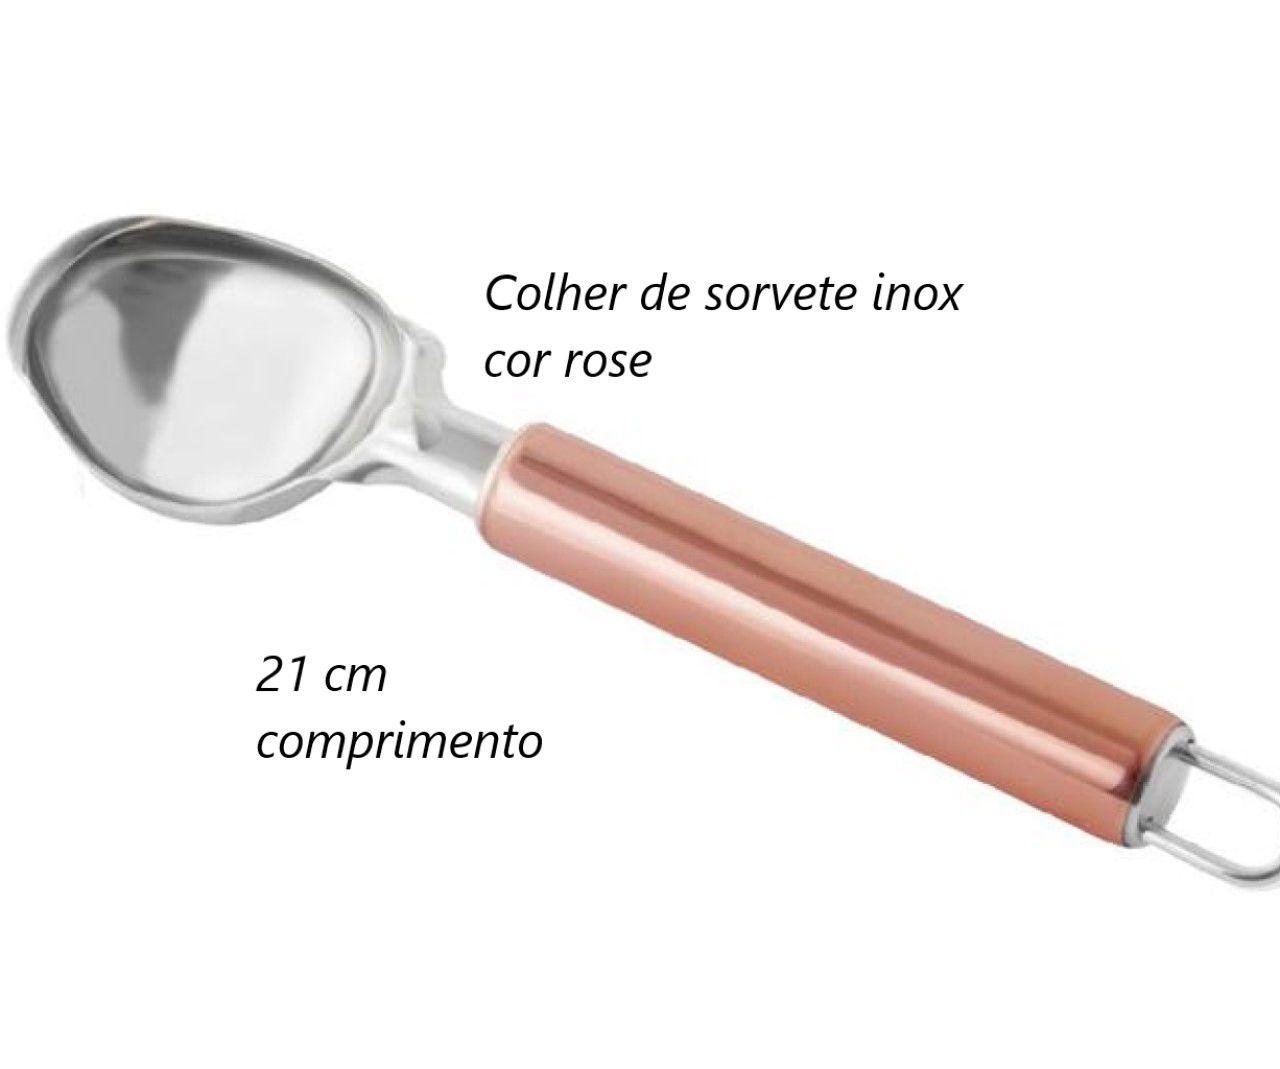 Colher de sorvete sobremesa Aço ino Rose Cobre 20Cm pegador bola MimoStyle